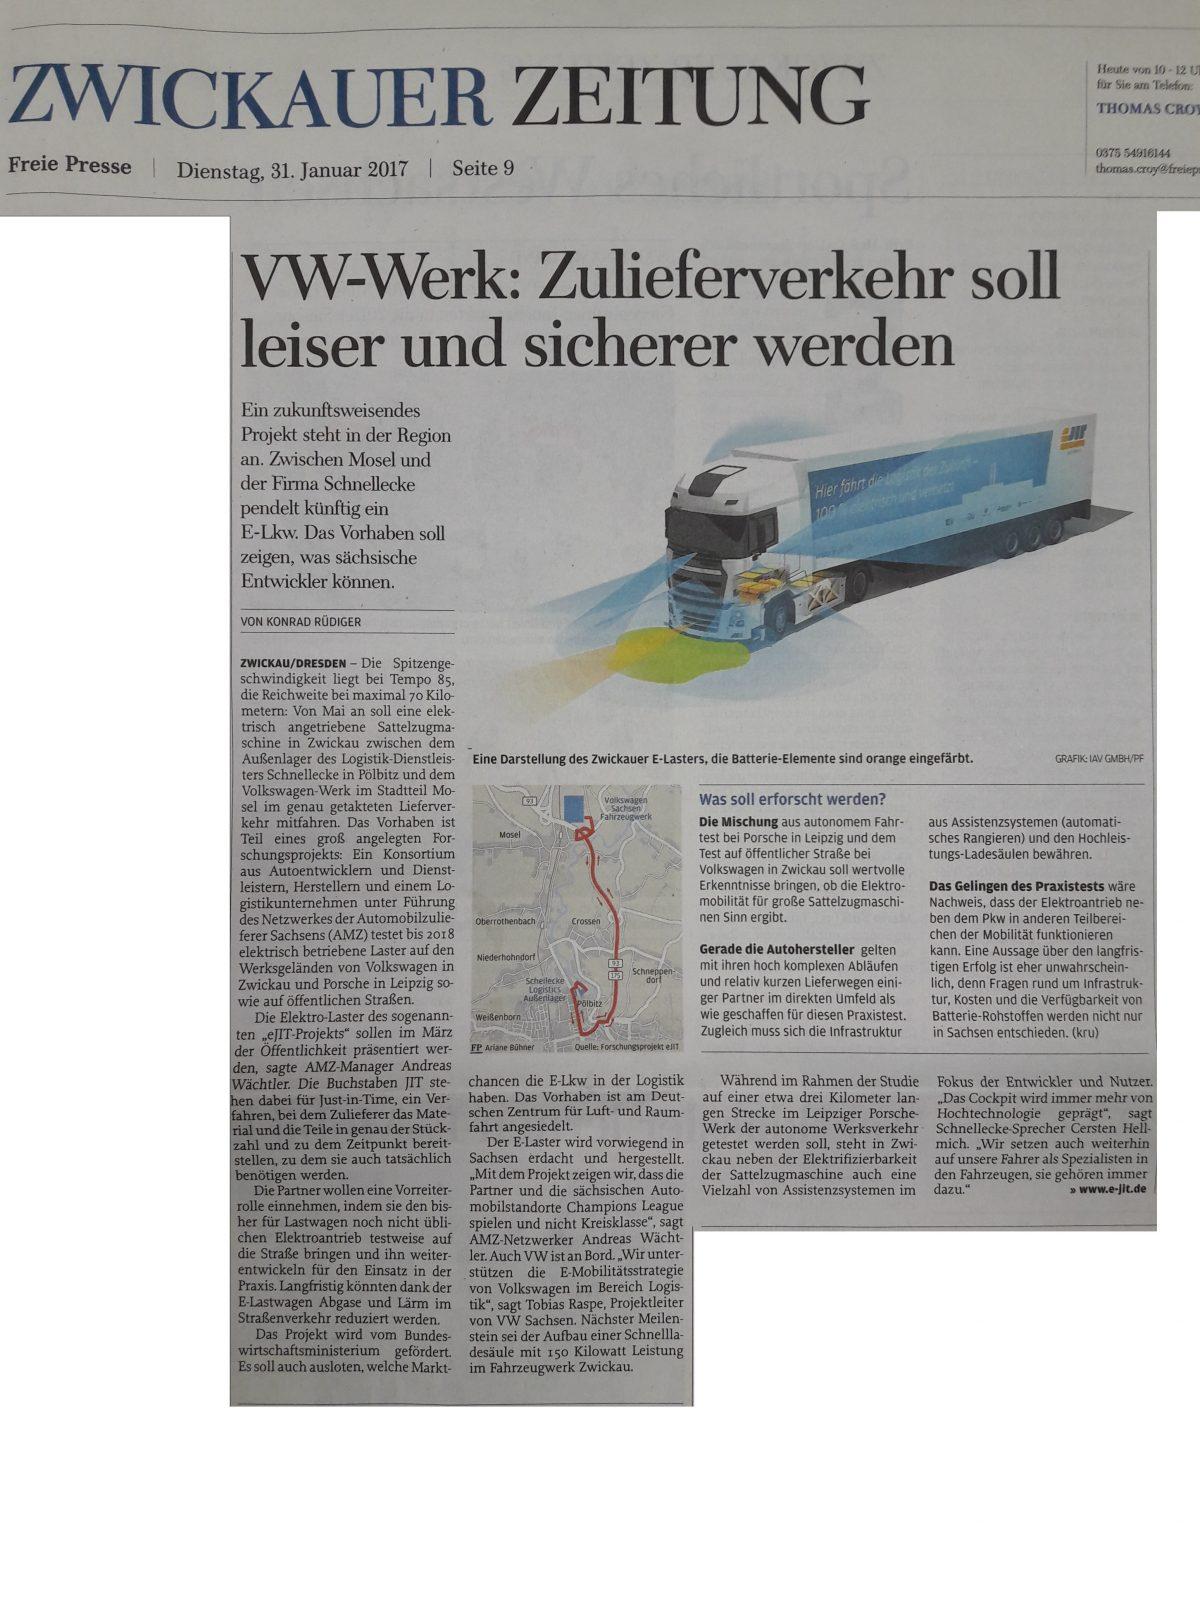 """Presse: """"VW-Werk: Zulieferverkehr soll leiser und sicherer werden"""" in der Freien Presse im Januar 2017"""